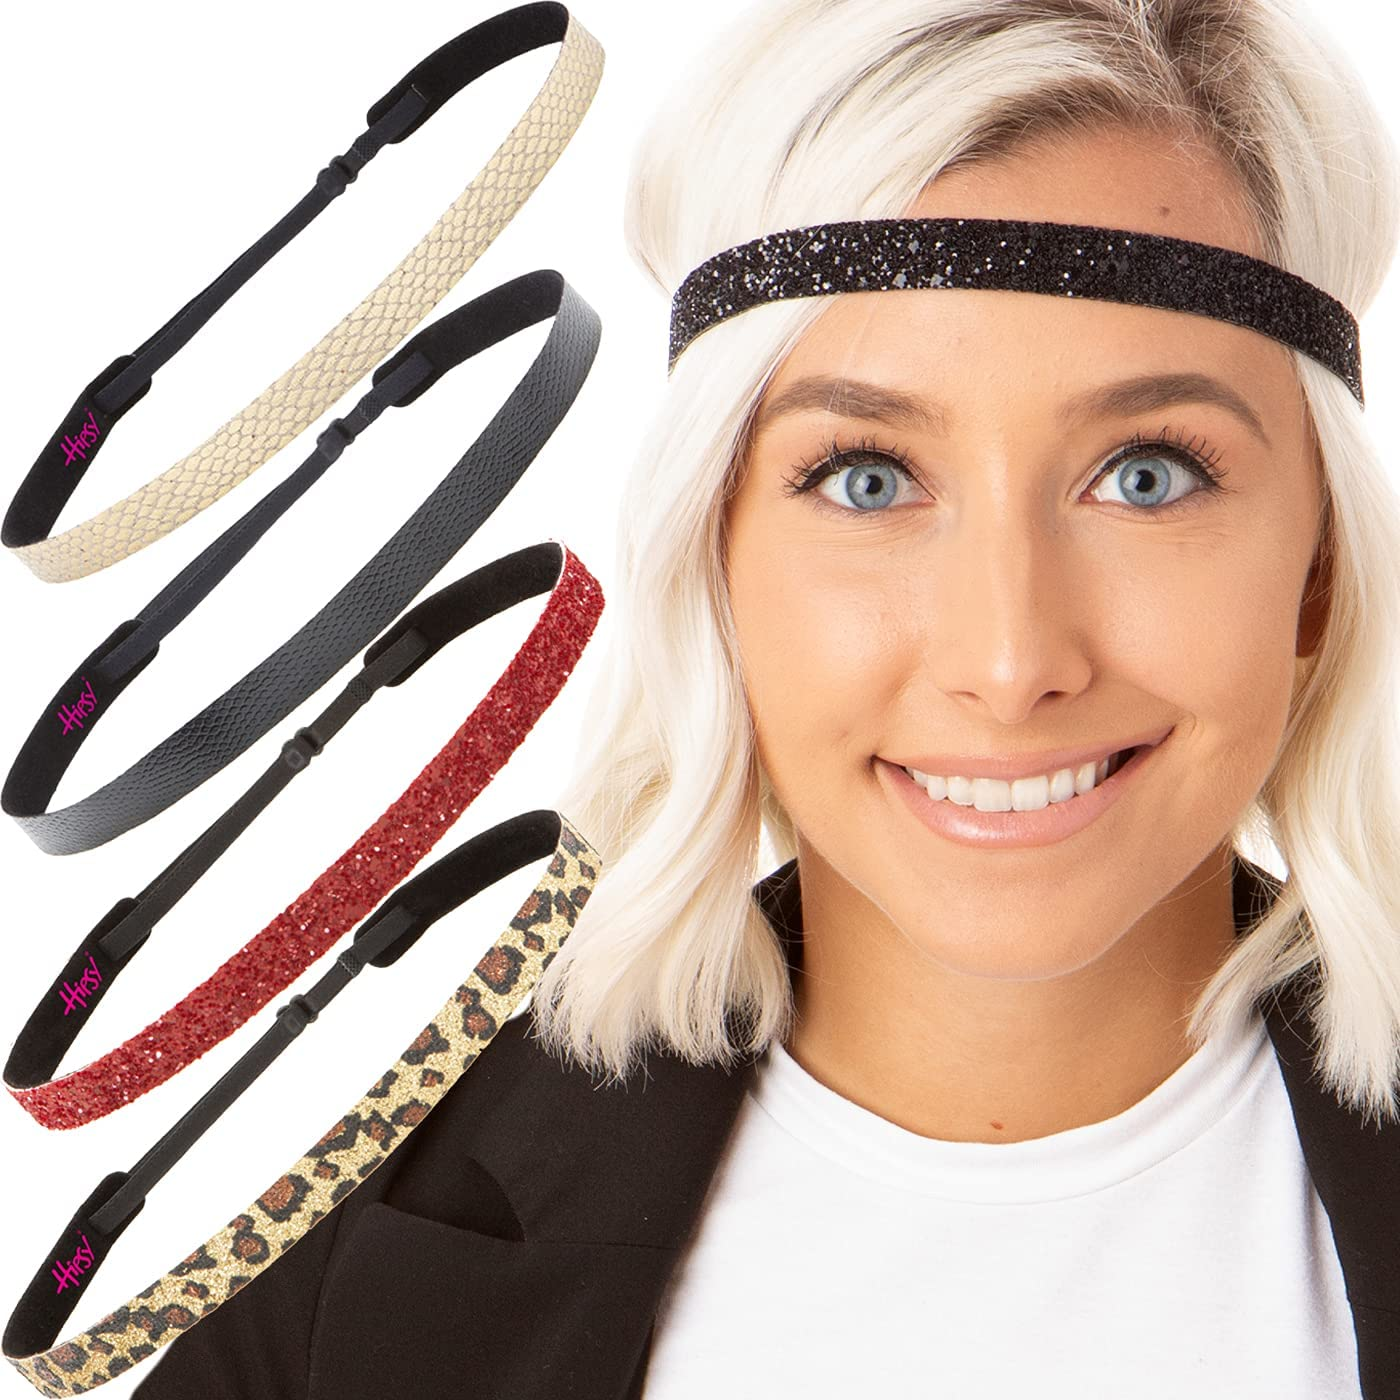 Hipsy Adjustable Non Slip Animal Print Hair Band Headbands for Women & Girls Pack